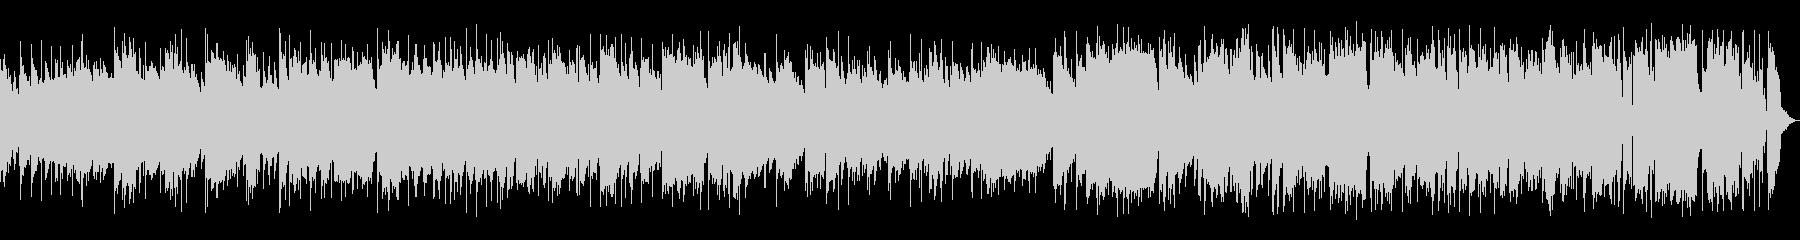 トランペットがメロディーの明るいジャズの未再生の波形